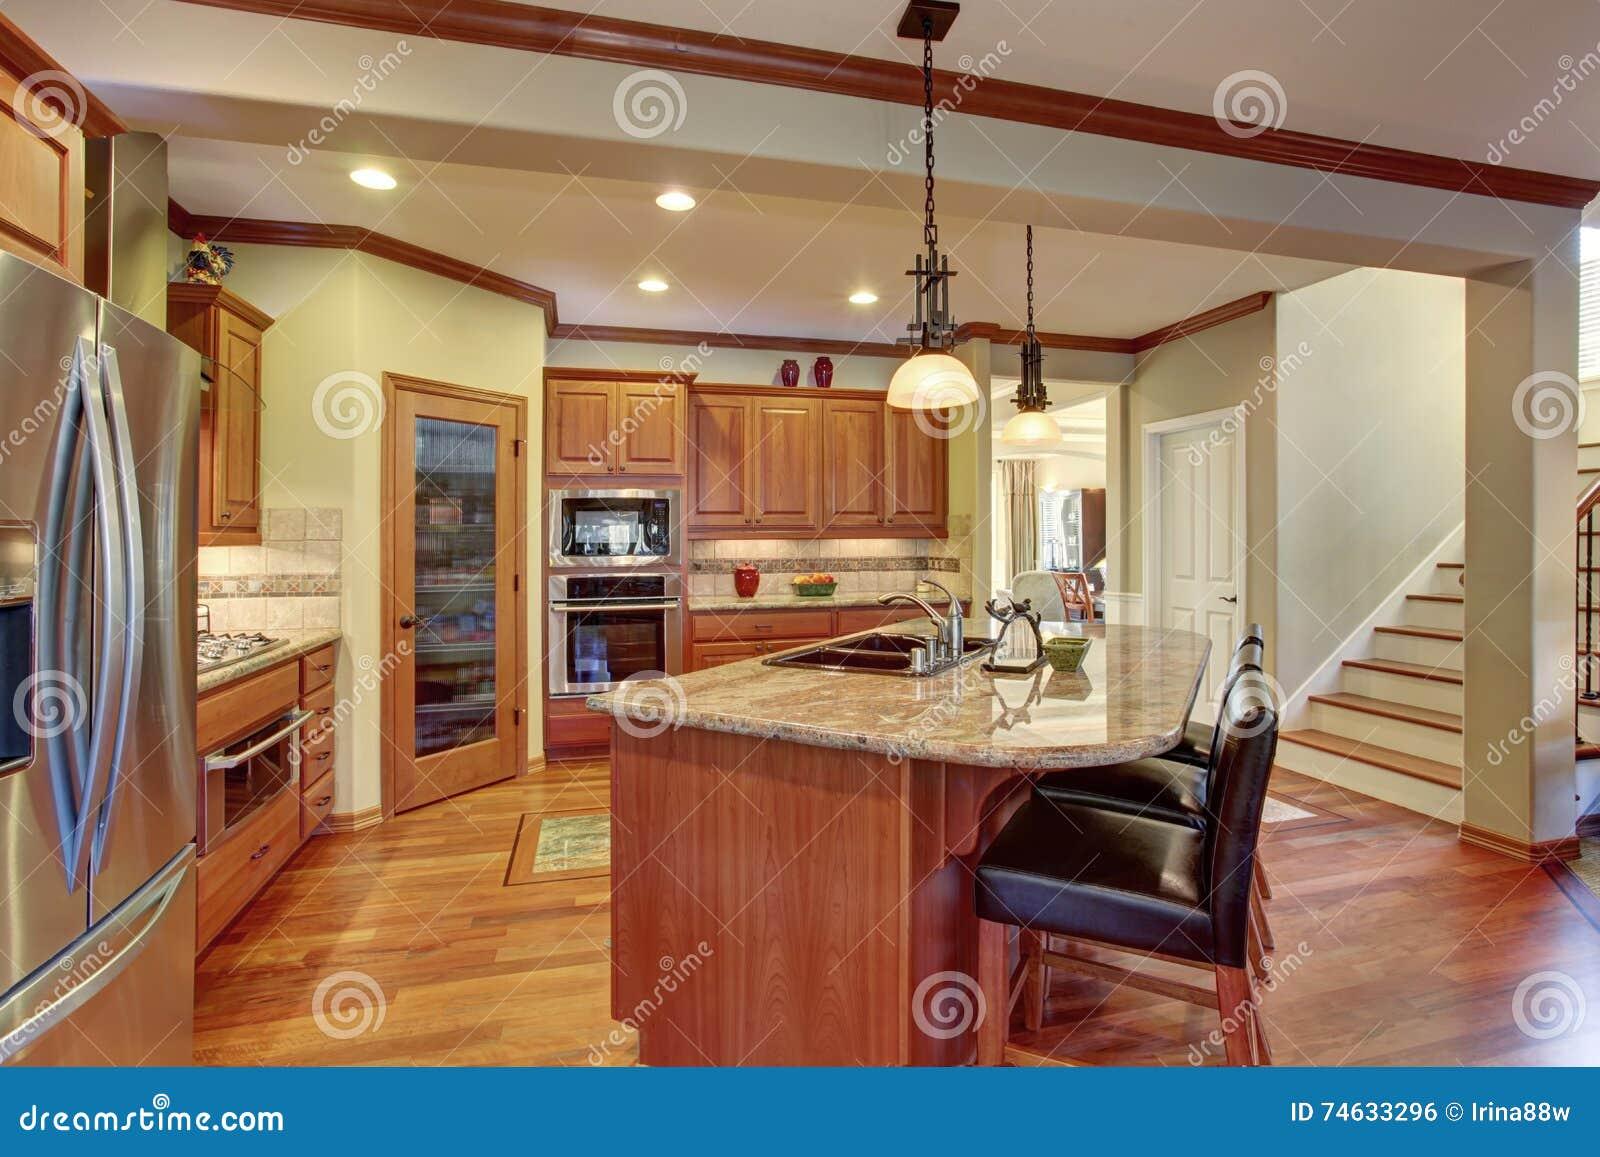 Interno della cucina con l 39 isola gabinetti di legno con il - Cucina con l isola ...